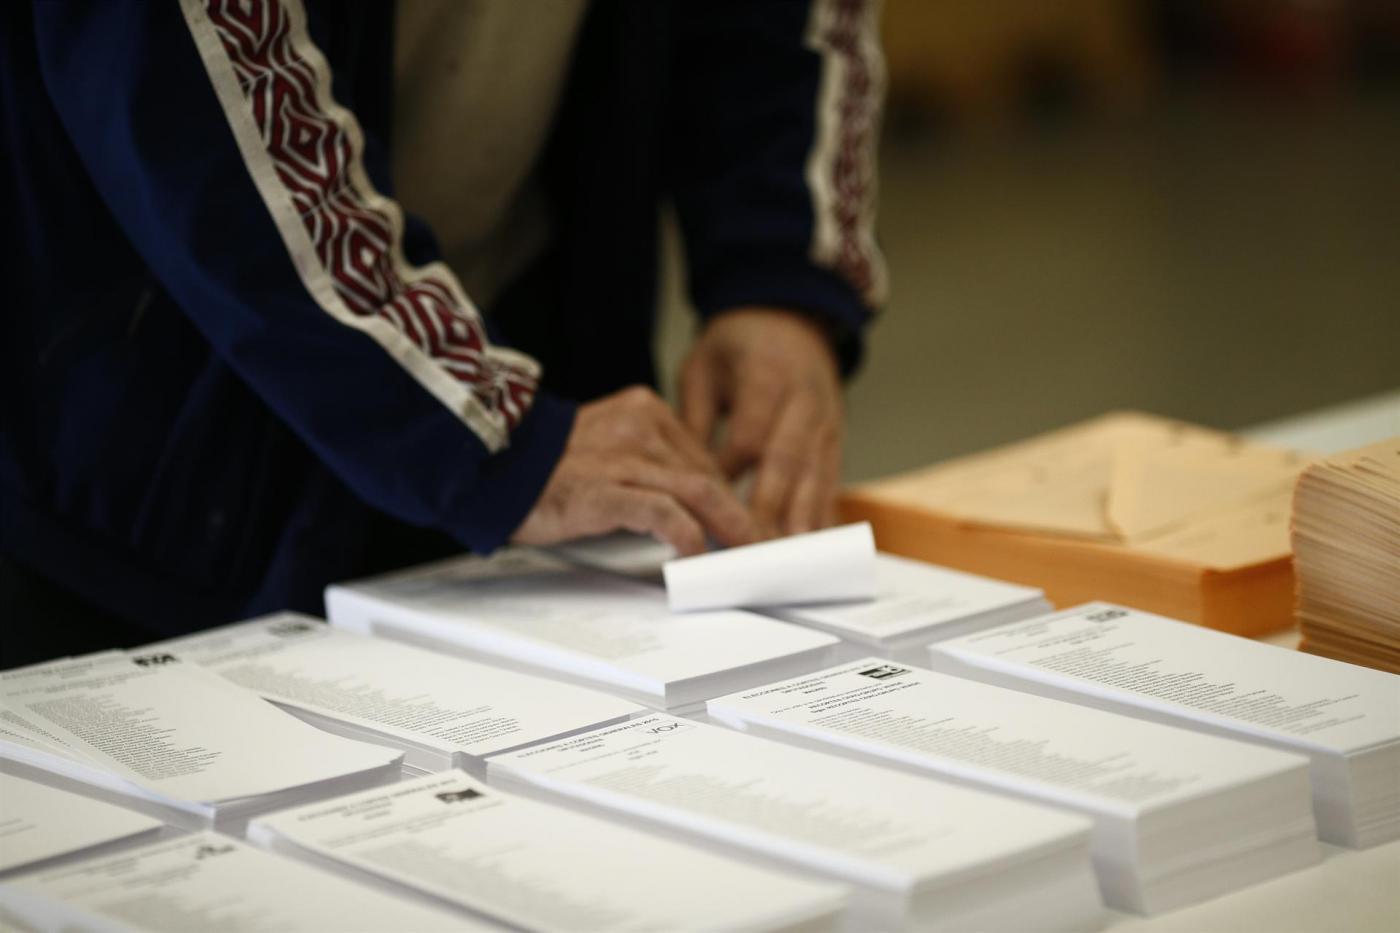 La desilusión del 10N se traduce en menos votantes